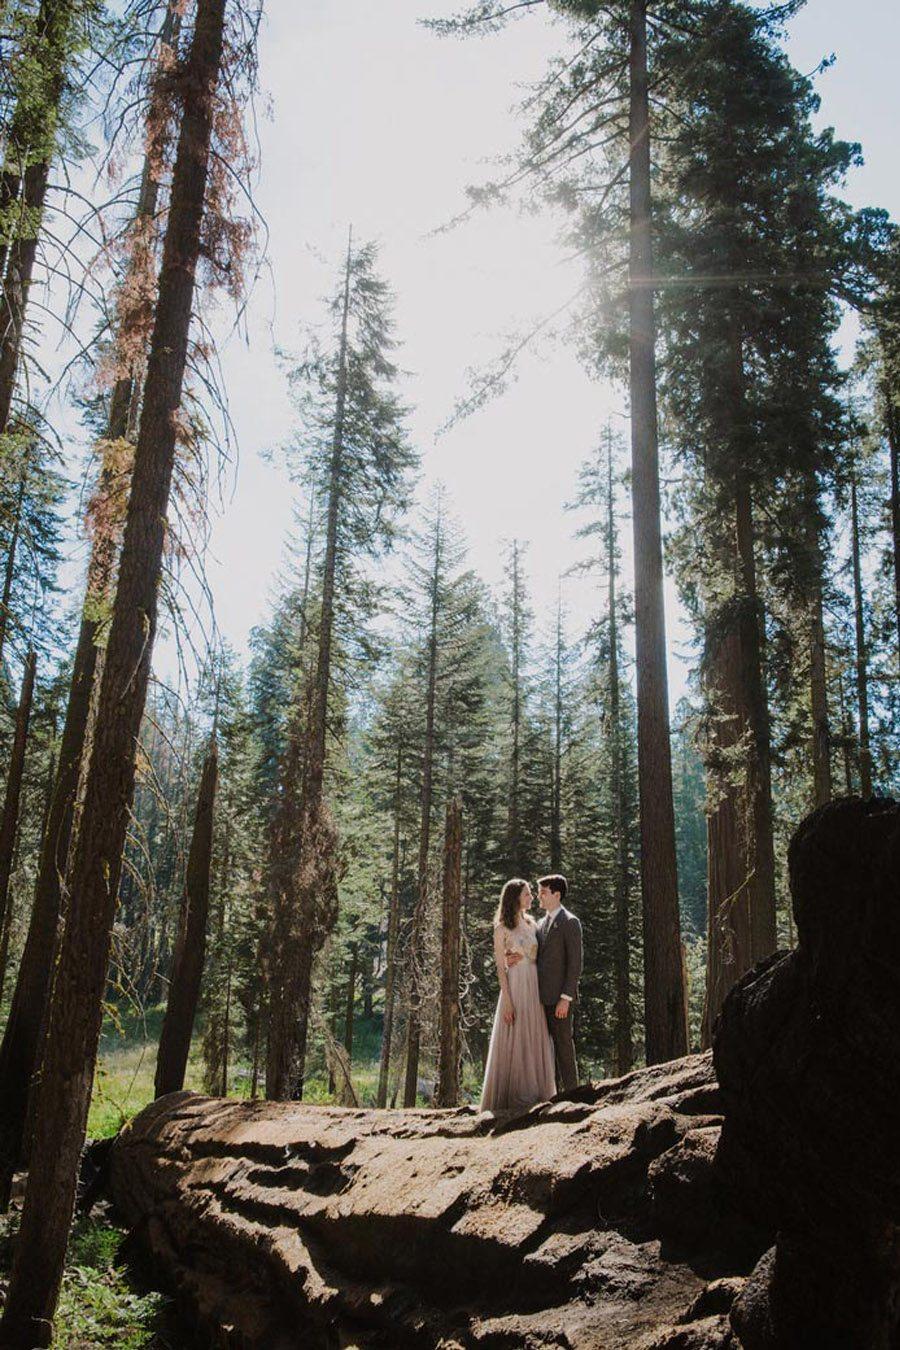 JULIA & JEFFREY: UNA SENCILLA BODA EN EL BOSQUE novios-bosque